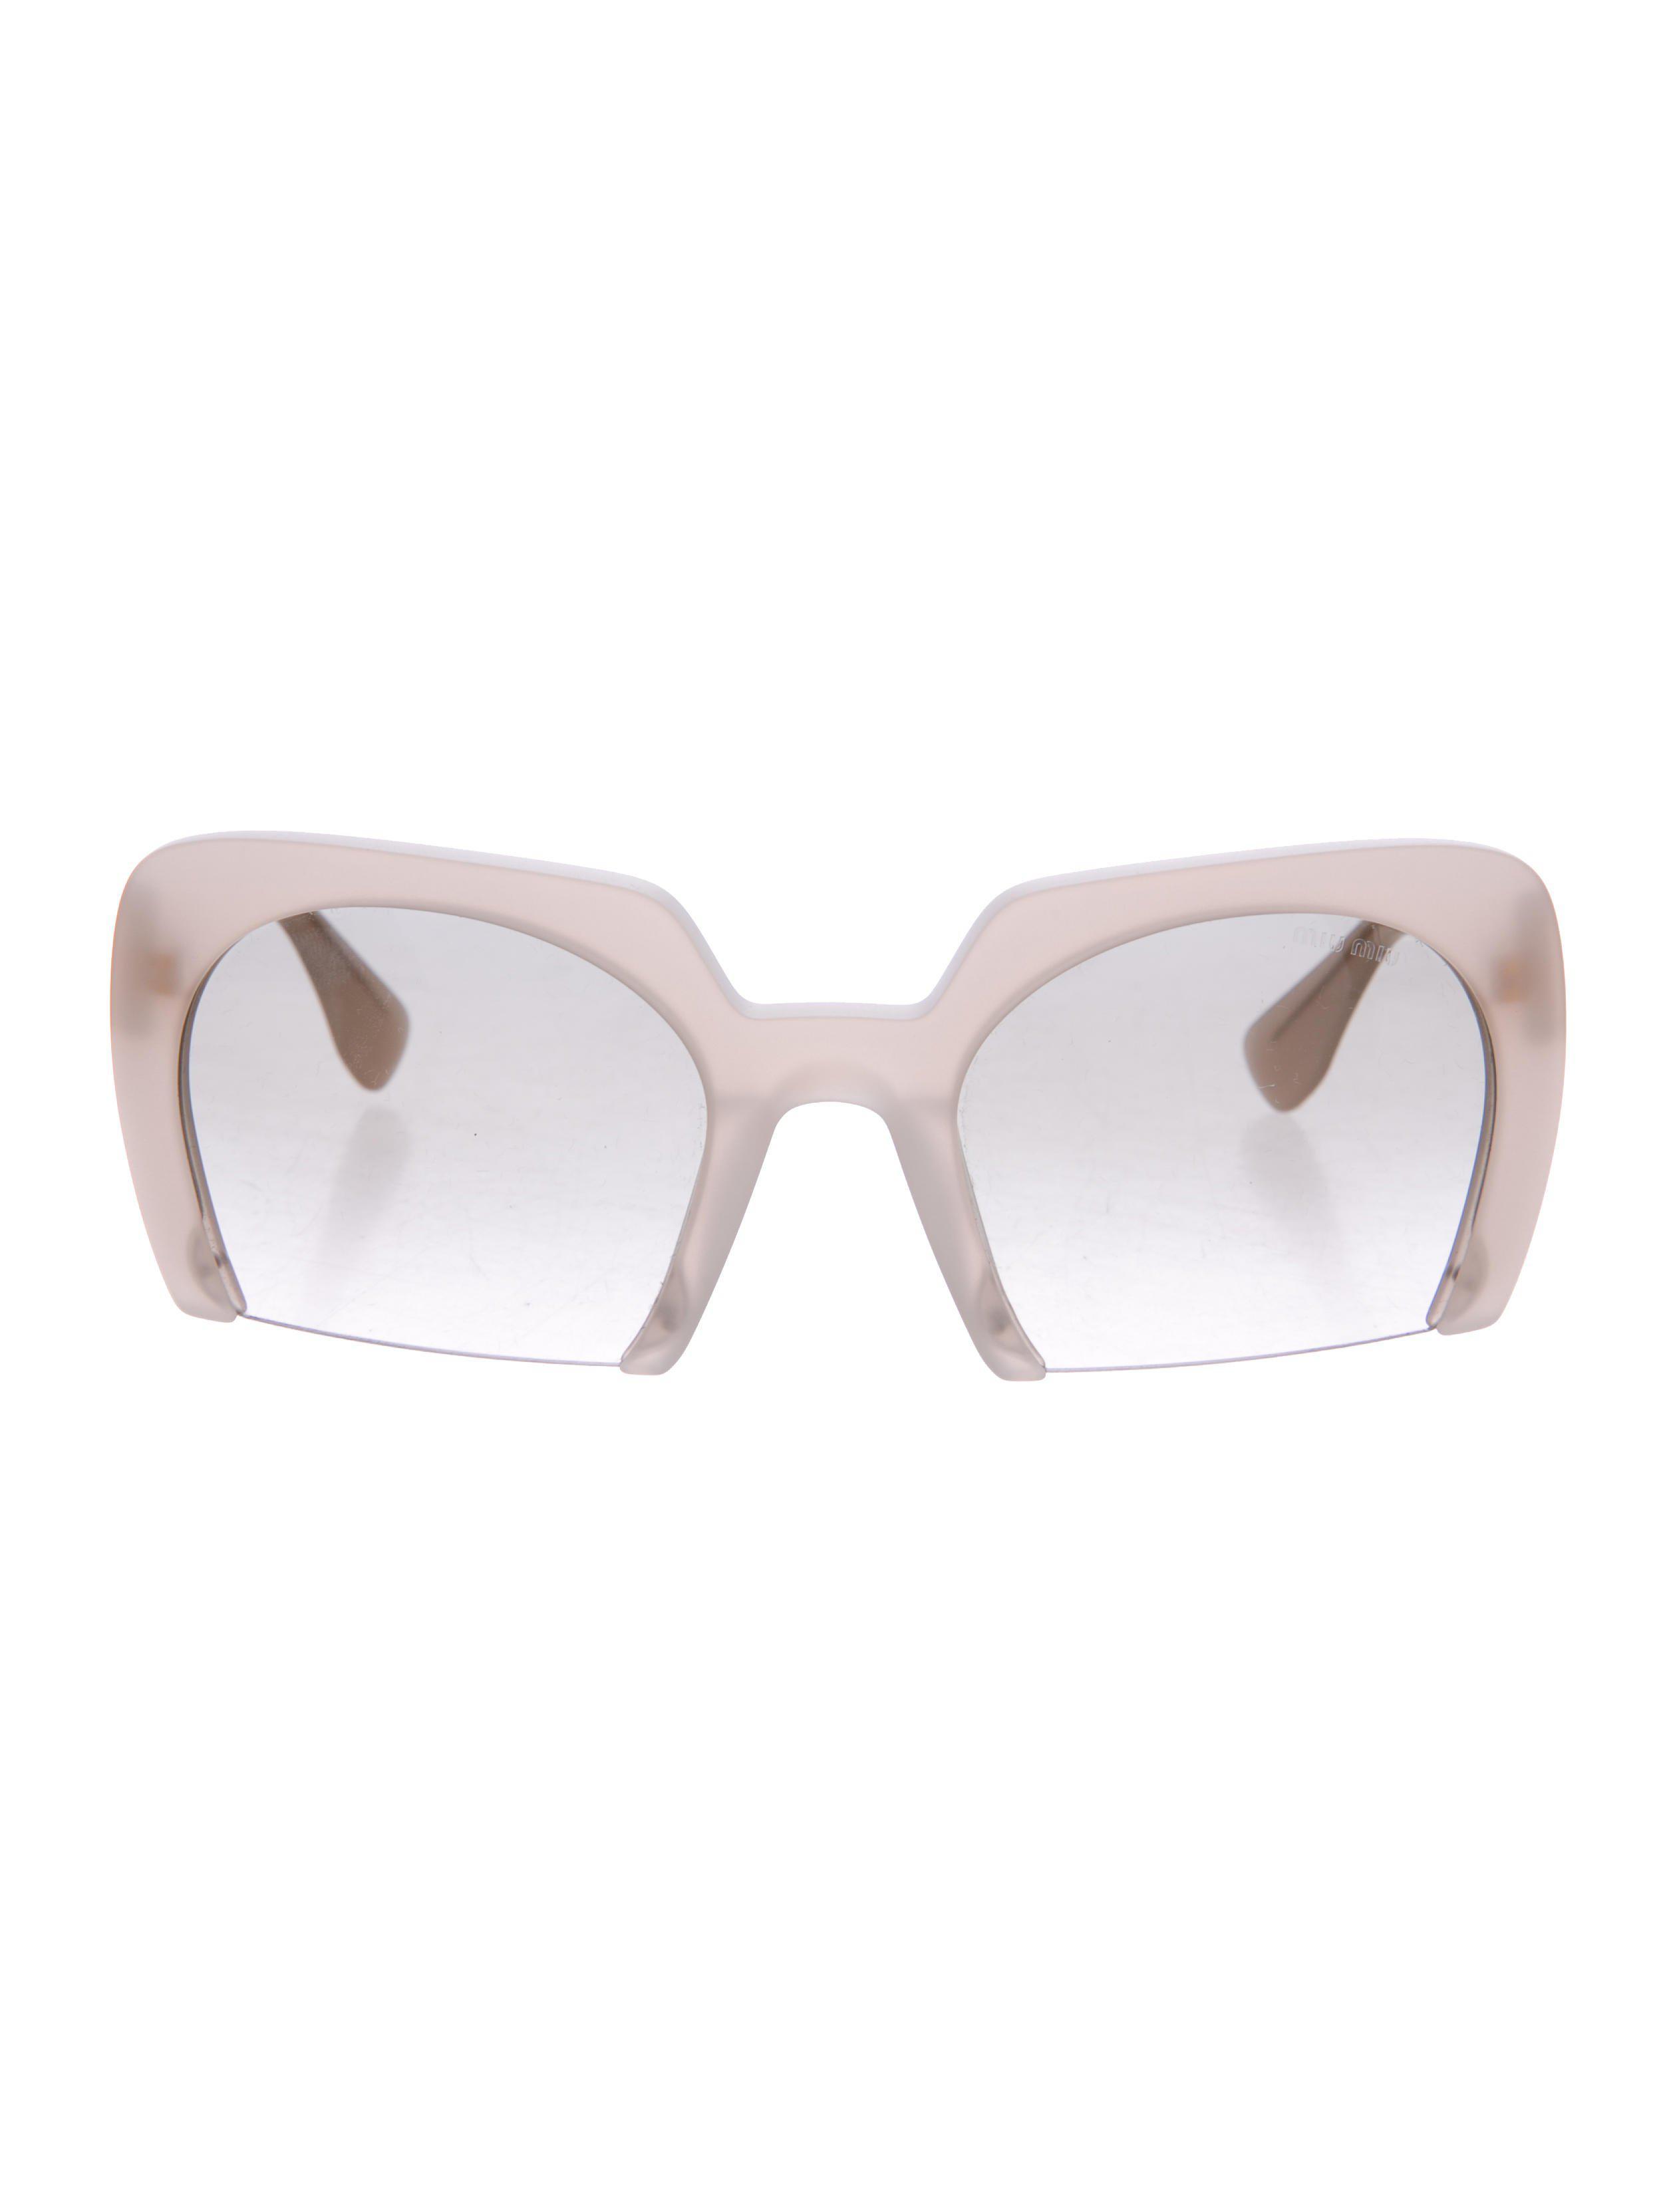 e8aefcdb0edb Lyst - Miu Miu Miu Half-rim Tinted Sunglasses Beige in Natural